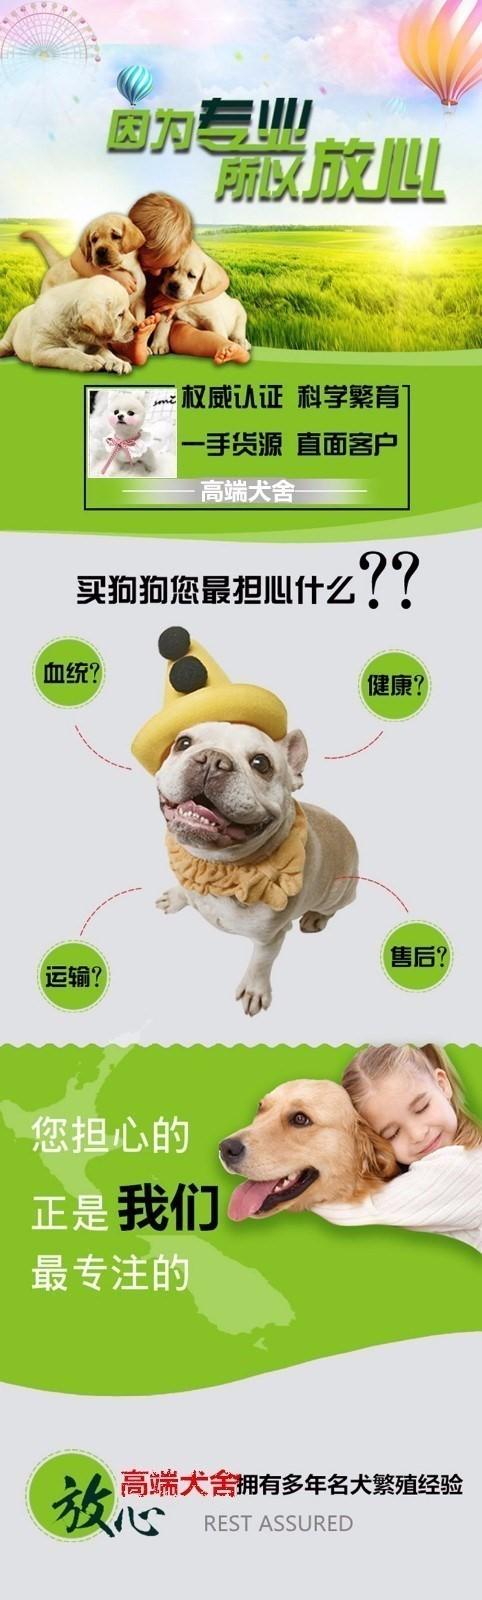 优秀品质泰迪犬郑州自家犬舍专业繁殖低价出售中8